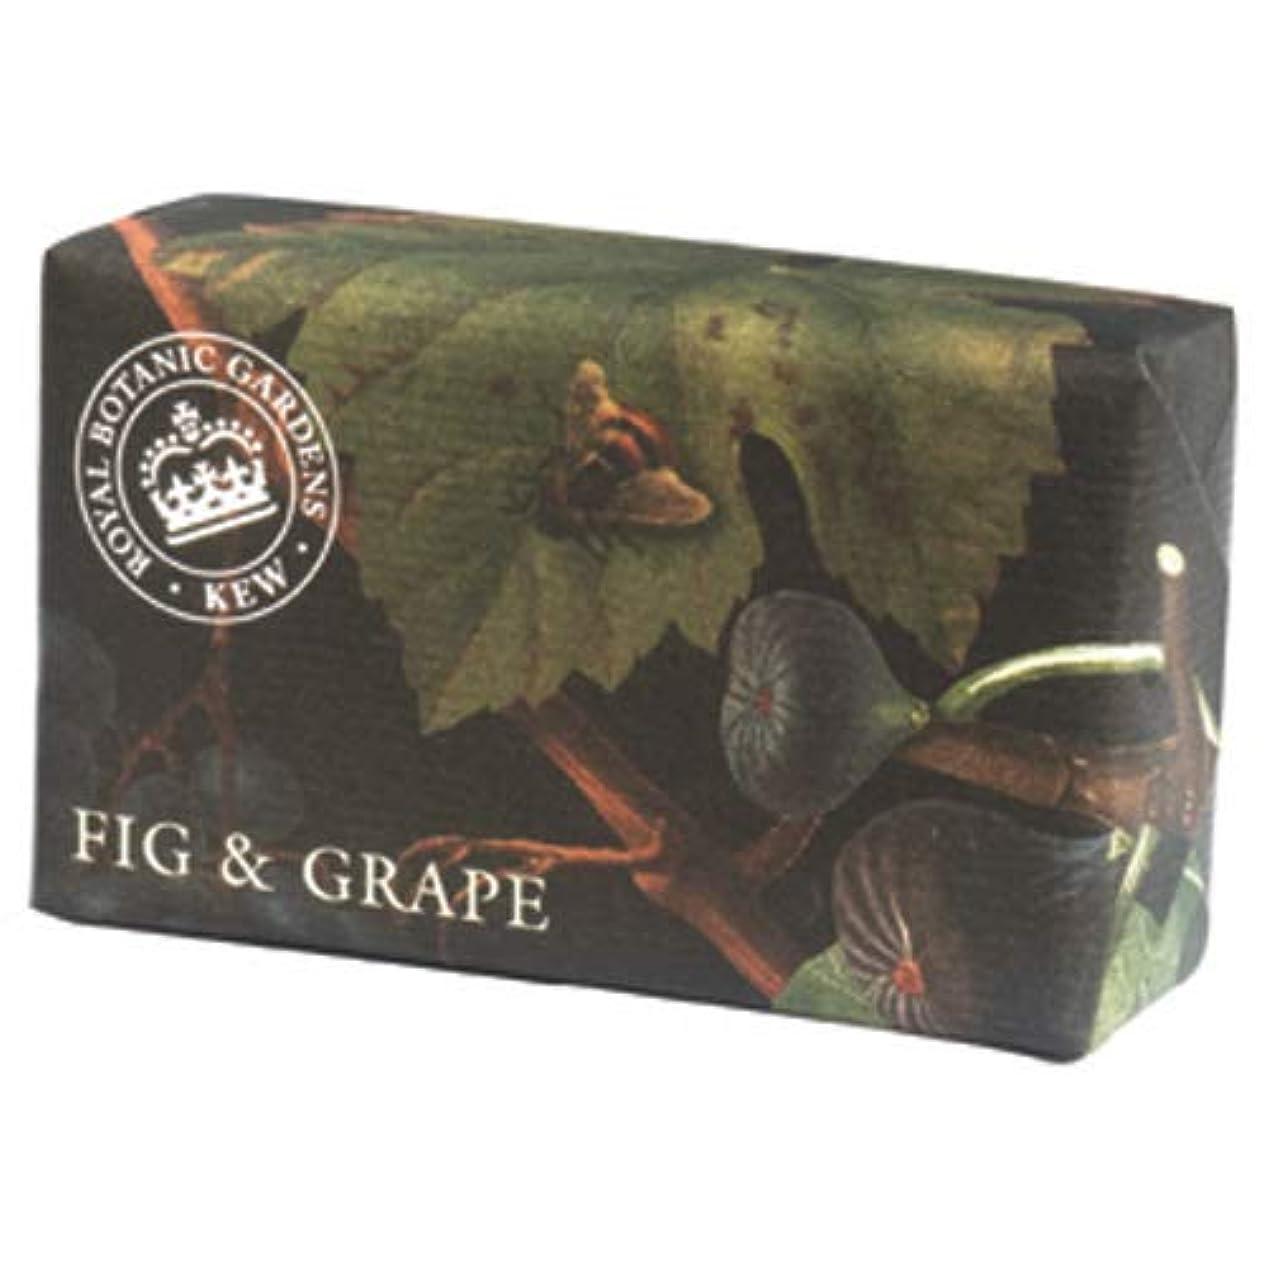 誤限られたレンジEnglish Soap Company イングリッシュソープカンパニー KEW GARDEN キュー?ガーデン Luxury Shea Soaps シアソープ Fig & Grape フィグ&グレープ